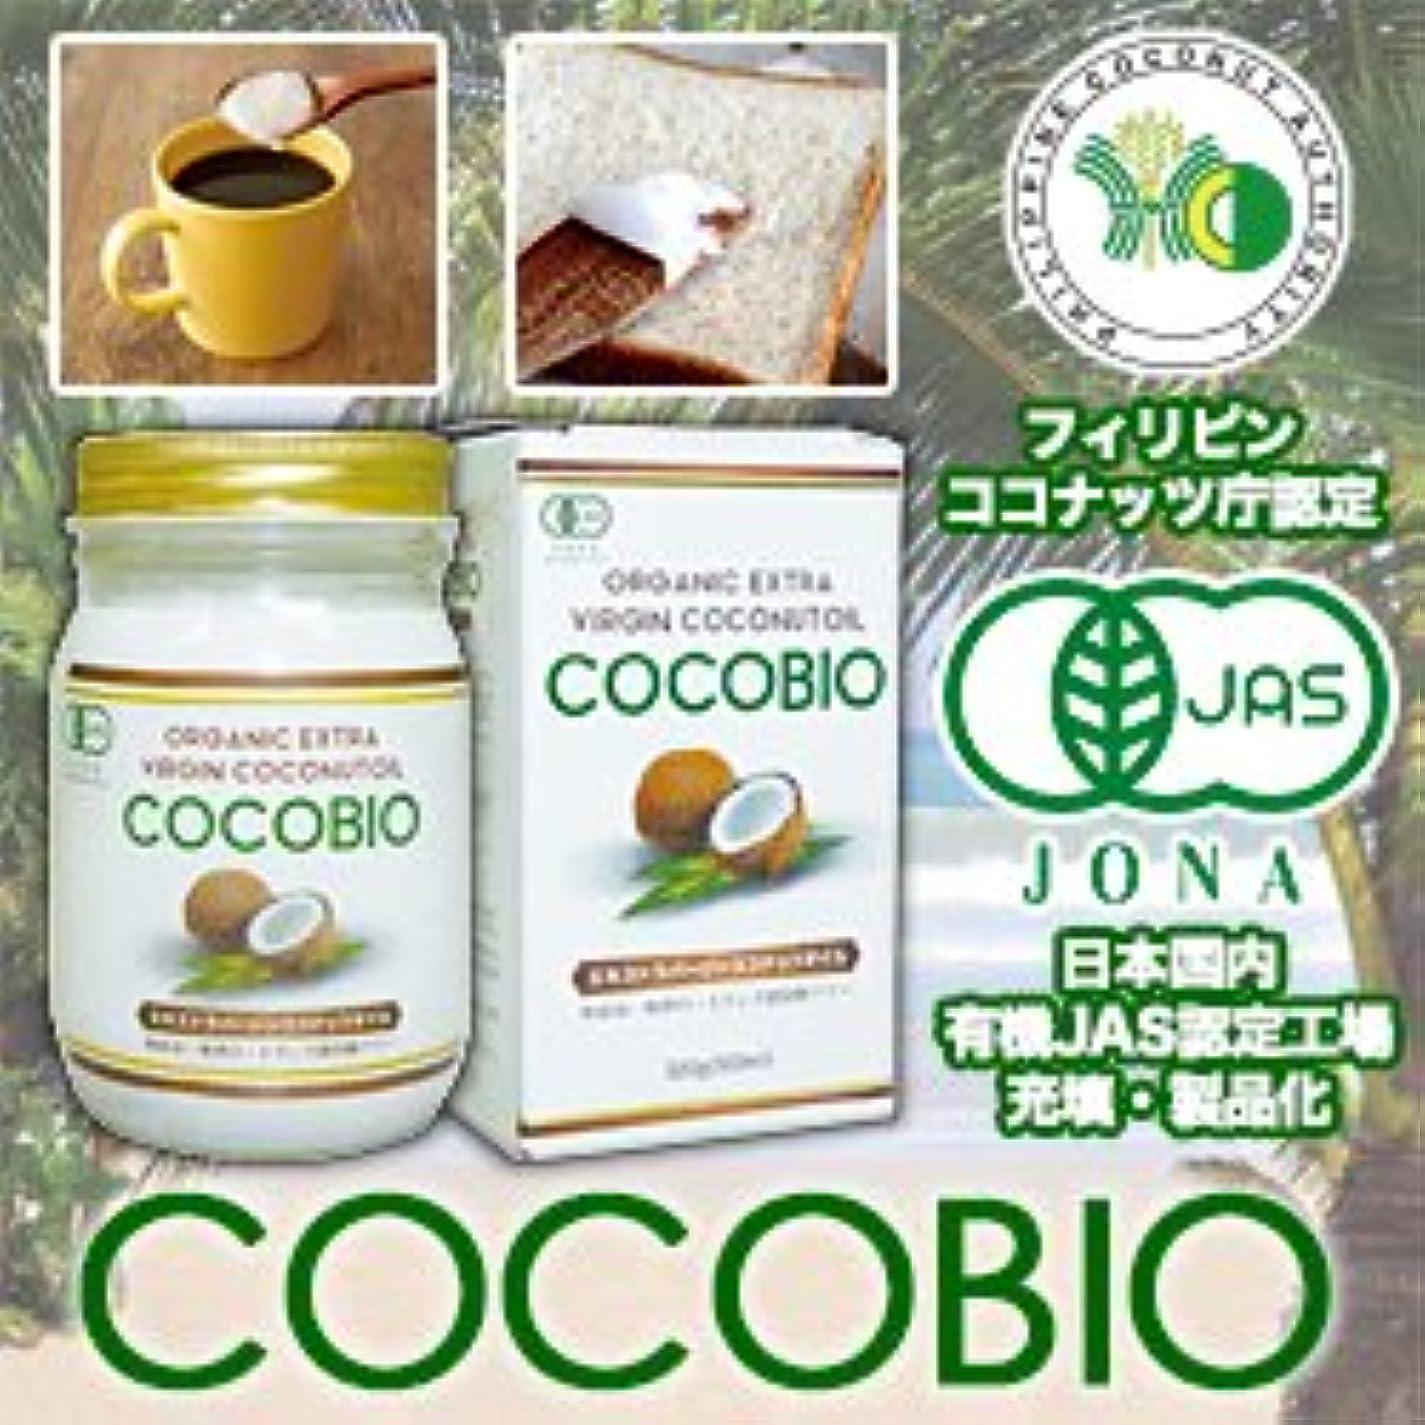 拘束するインタフェース入射【特殊栄養食品研究所】【有機ココナッツオイル】 ココビオ(COCOBIO) 320g [350ml] ×20個セット